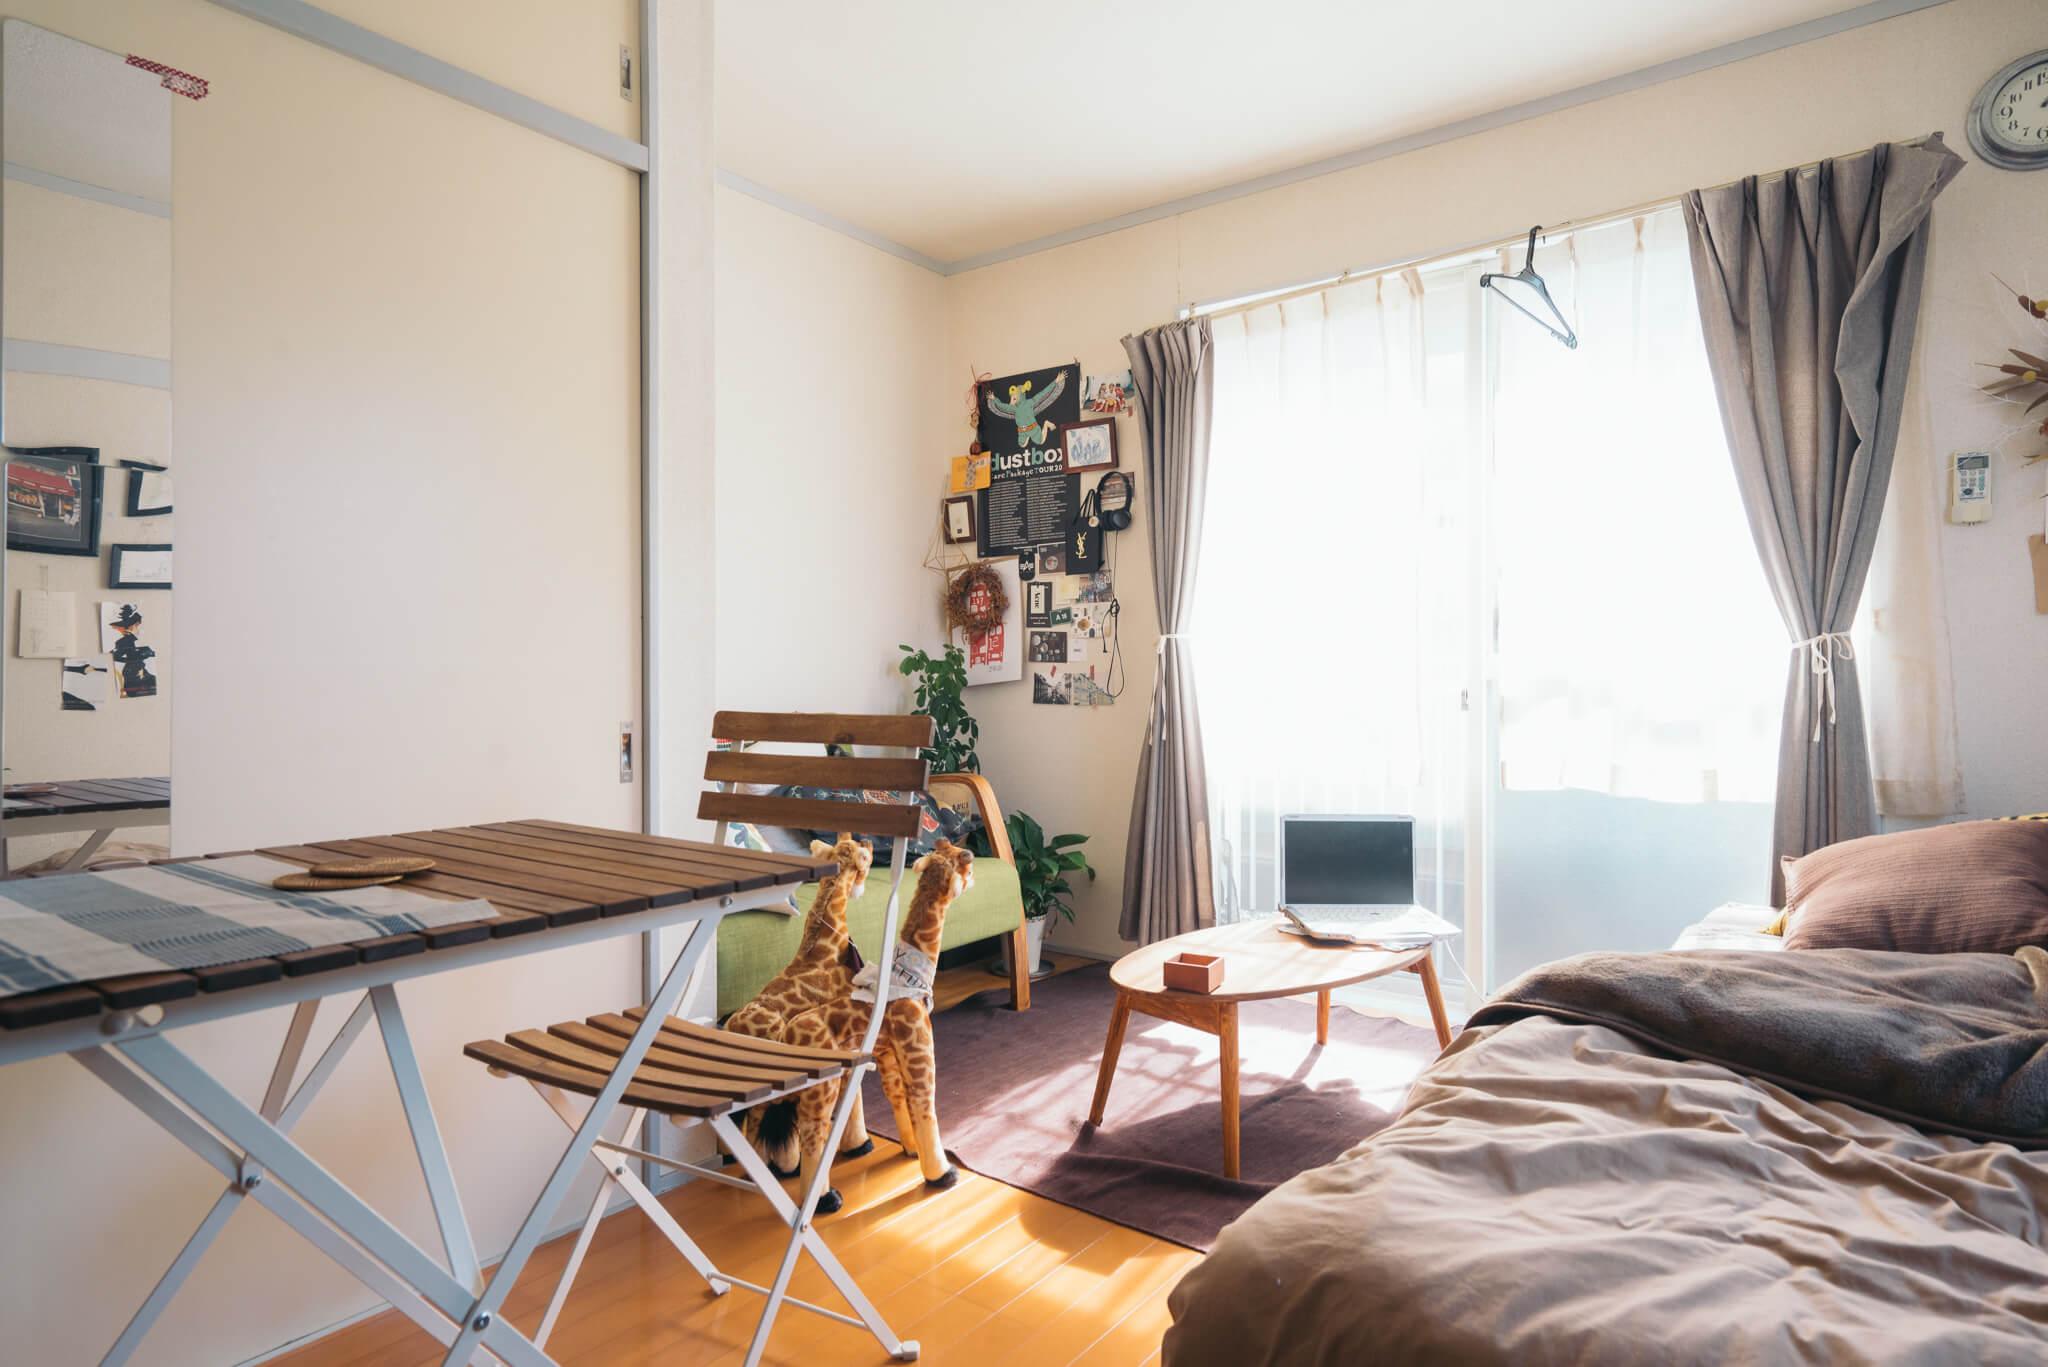 1Kのお部屋には、ベッド、ダイニングテーブル、ソファ、ローテーブルと、置きたい家具が全部置かれています。窮屈にならずにちゃんとセンスよく配置されているのがすごい。